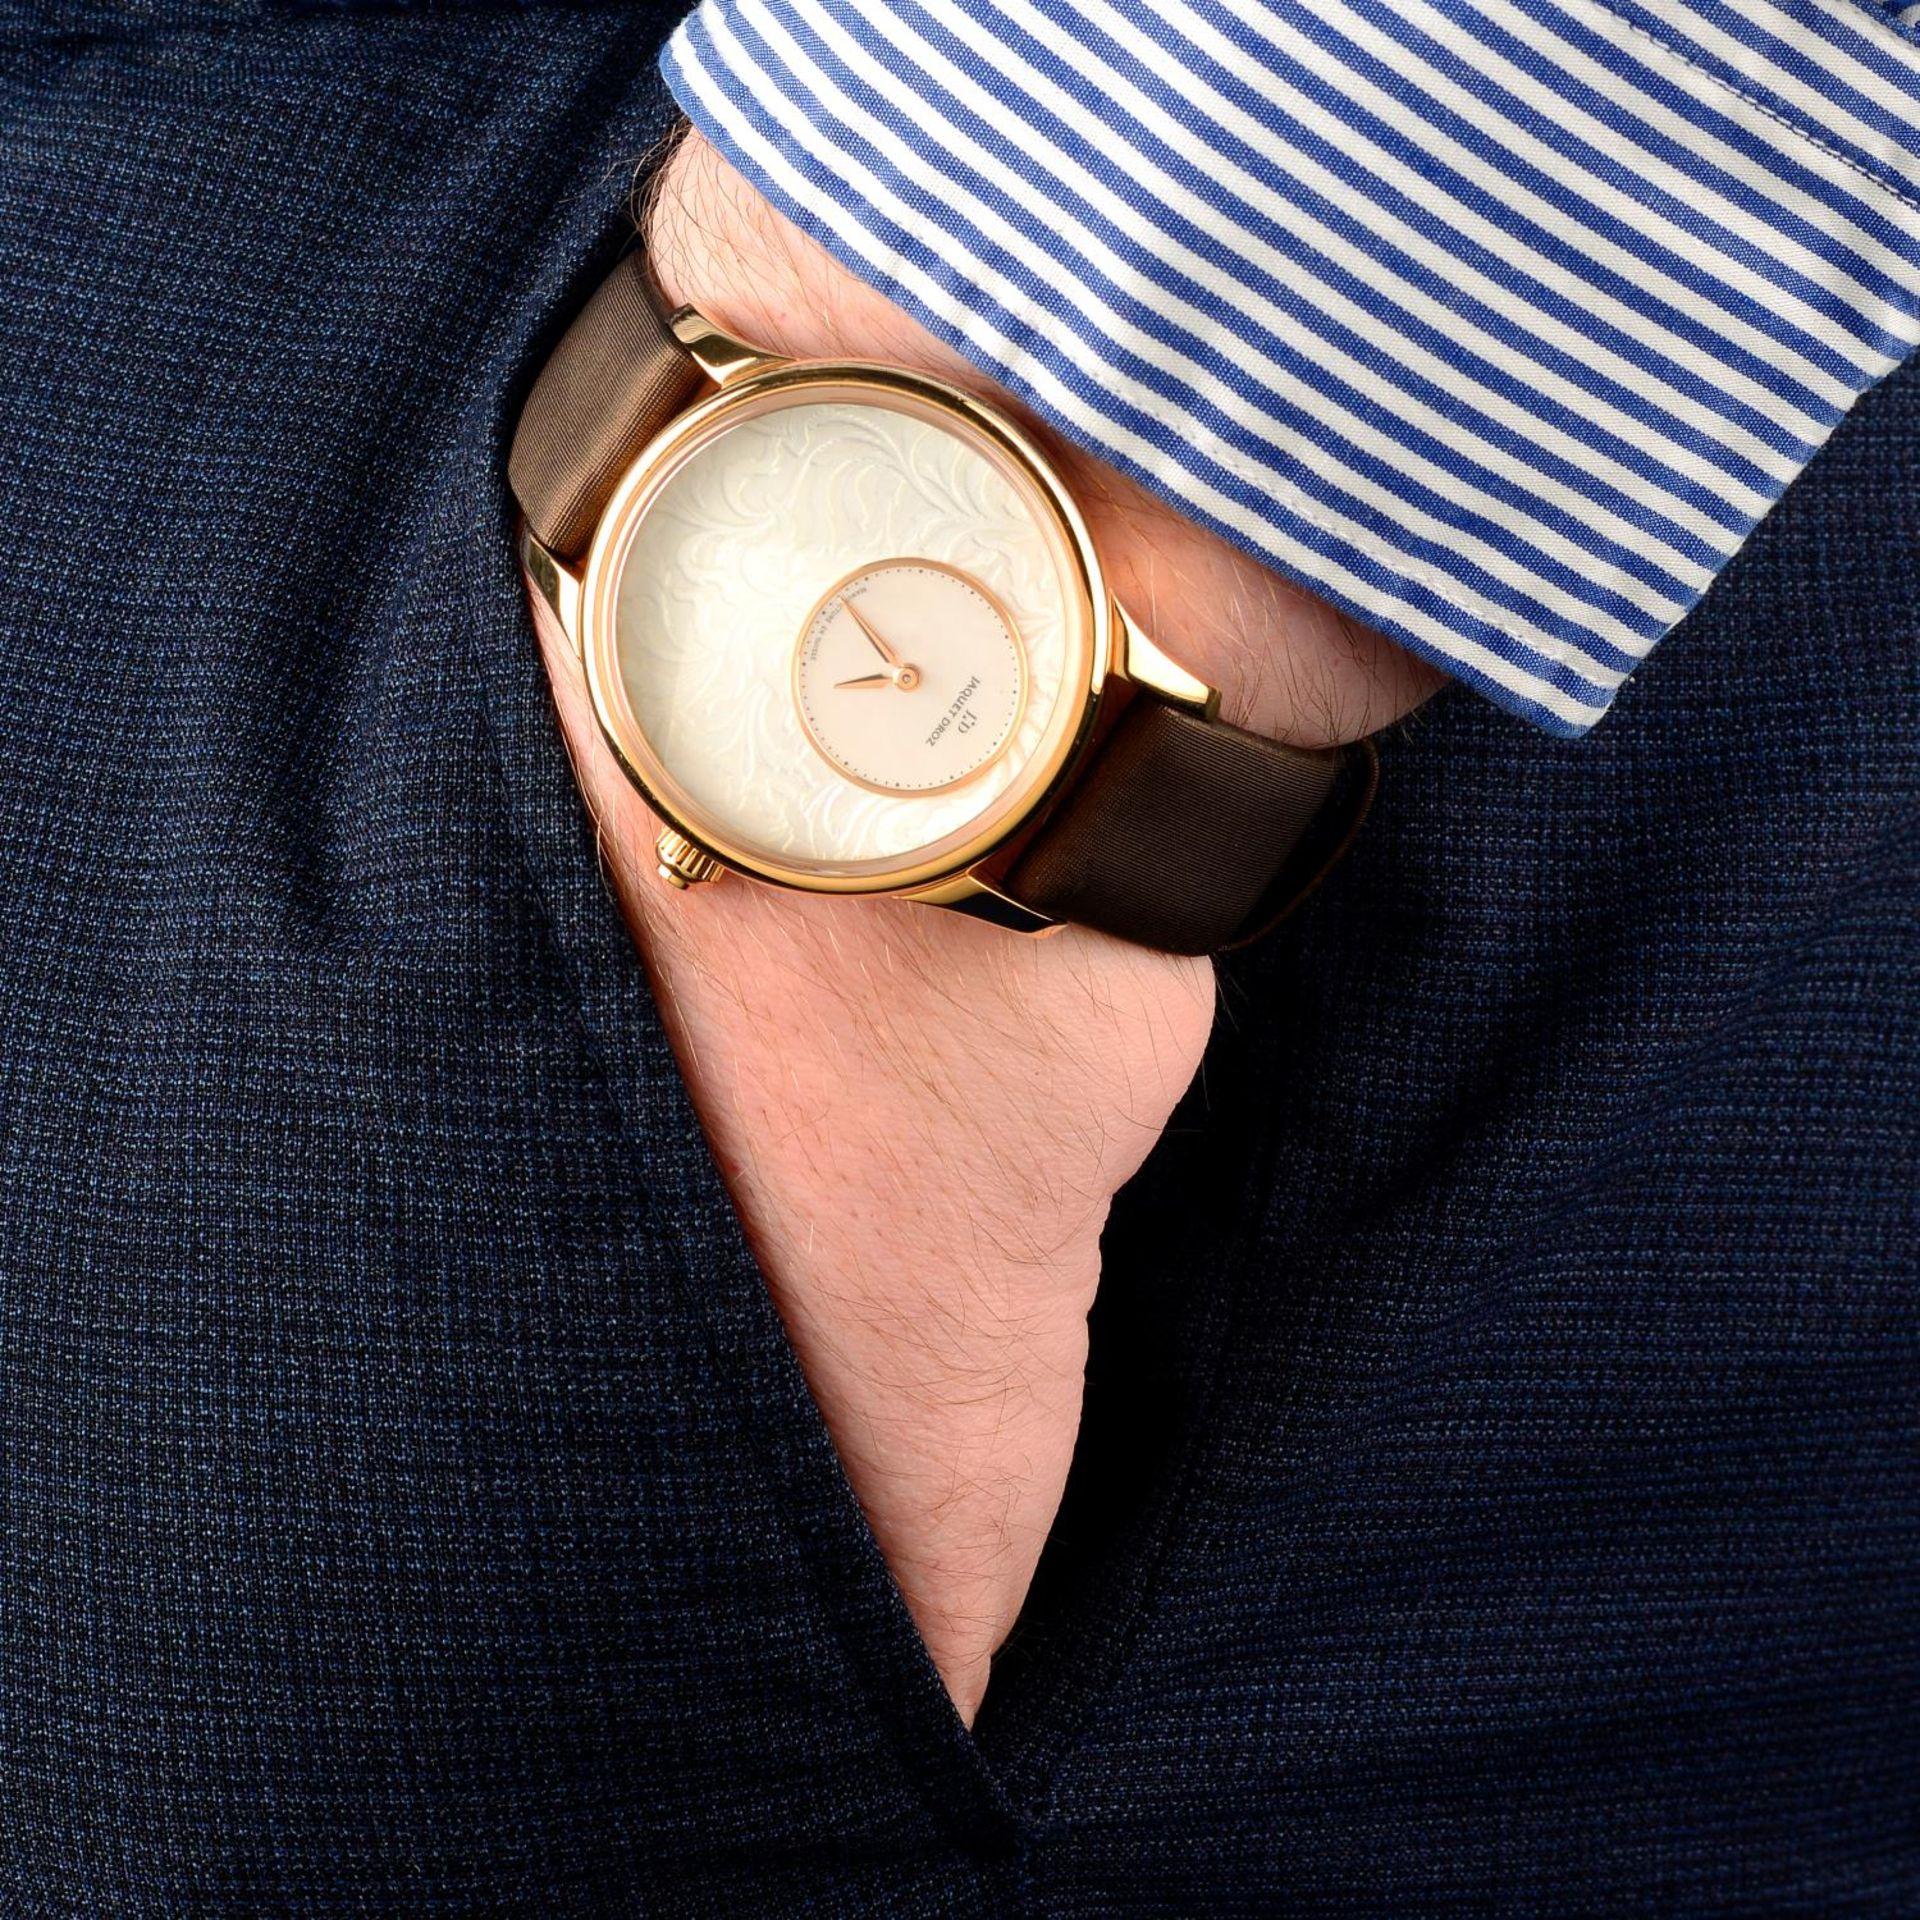 JAQUET DROZ - a limited edition Petite Heure Minute Art Deco wrist watch. - Bild 3 aus 6